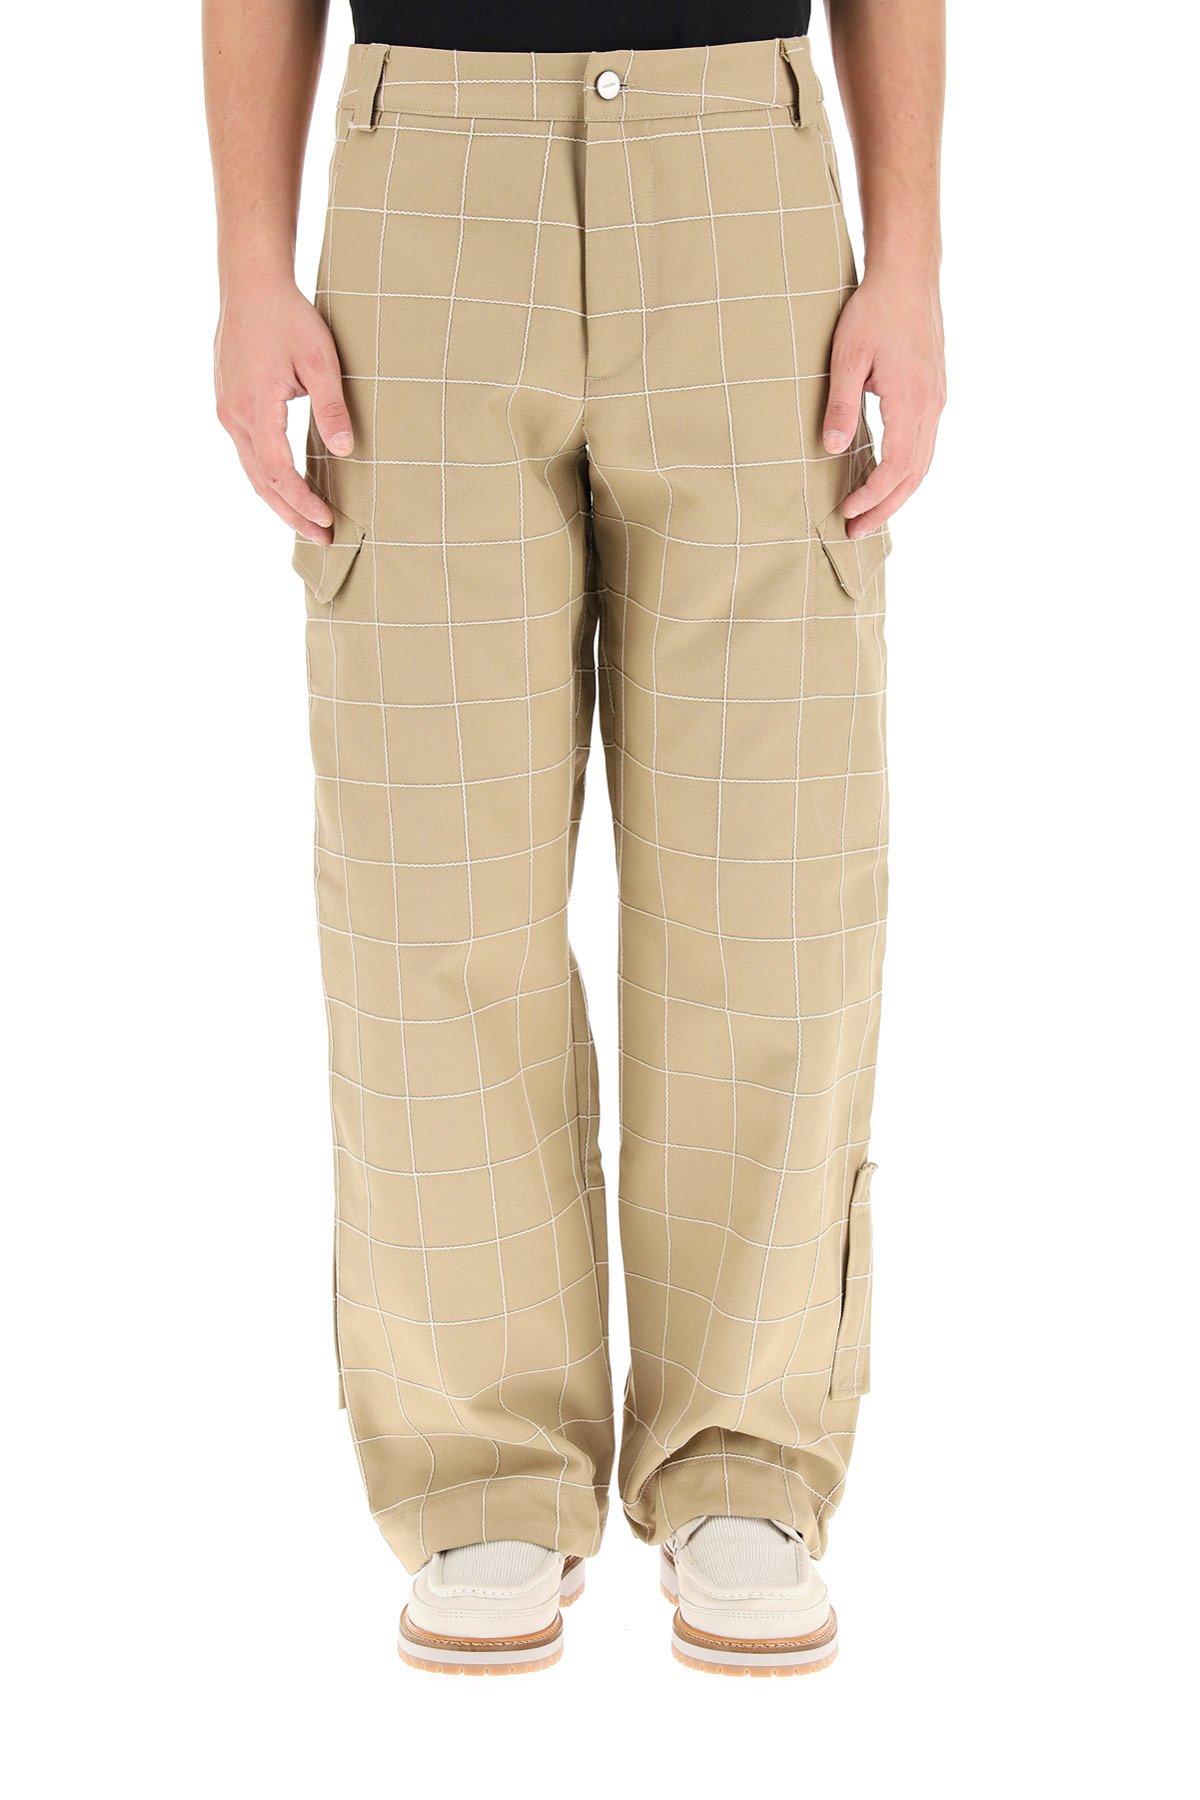 Jacquemus pantaloni a quadri